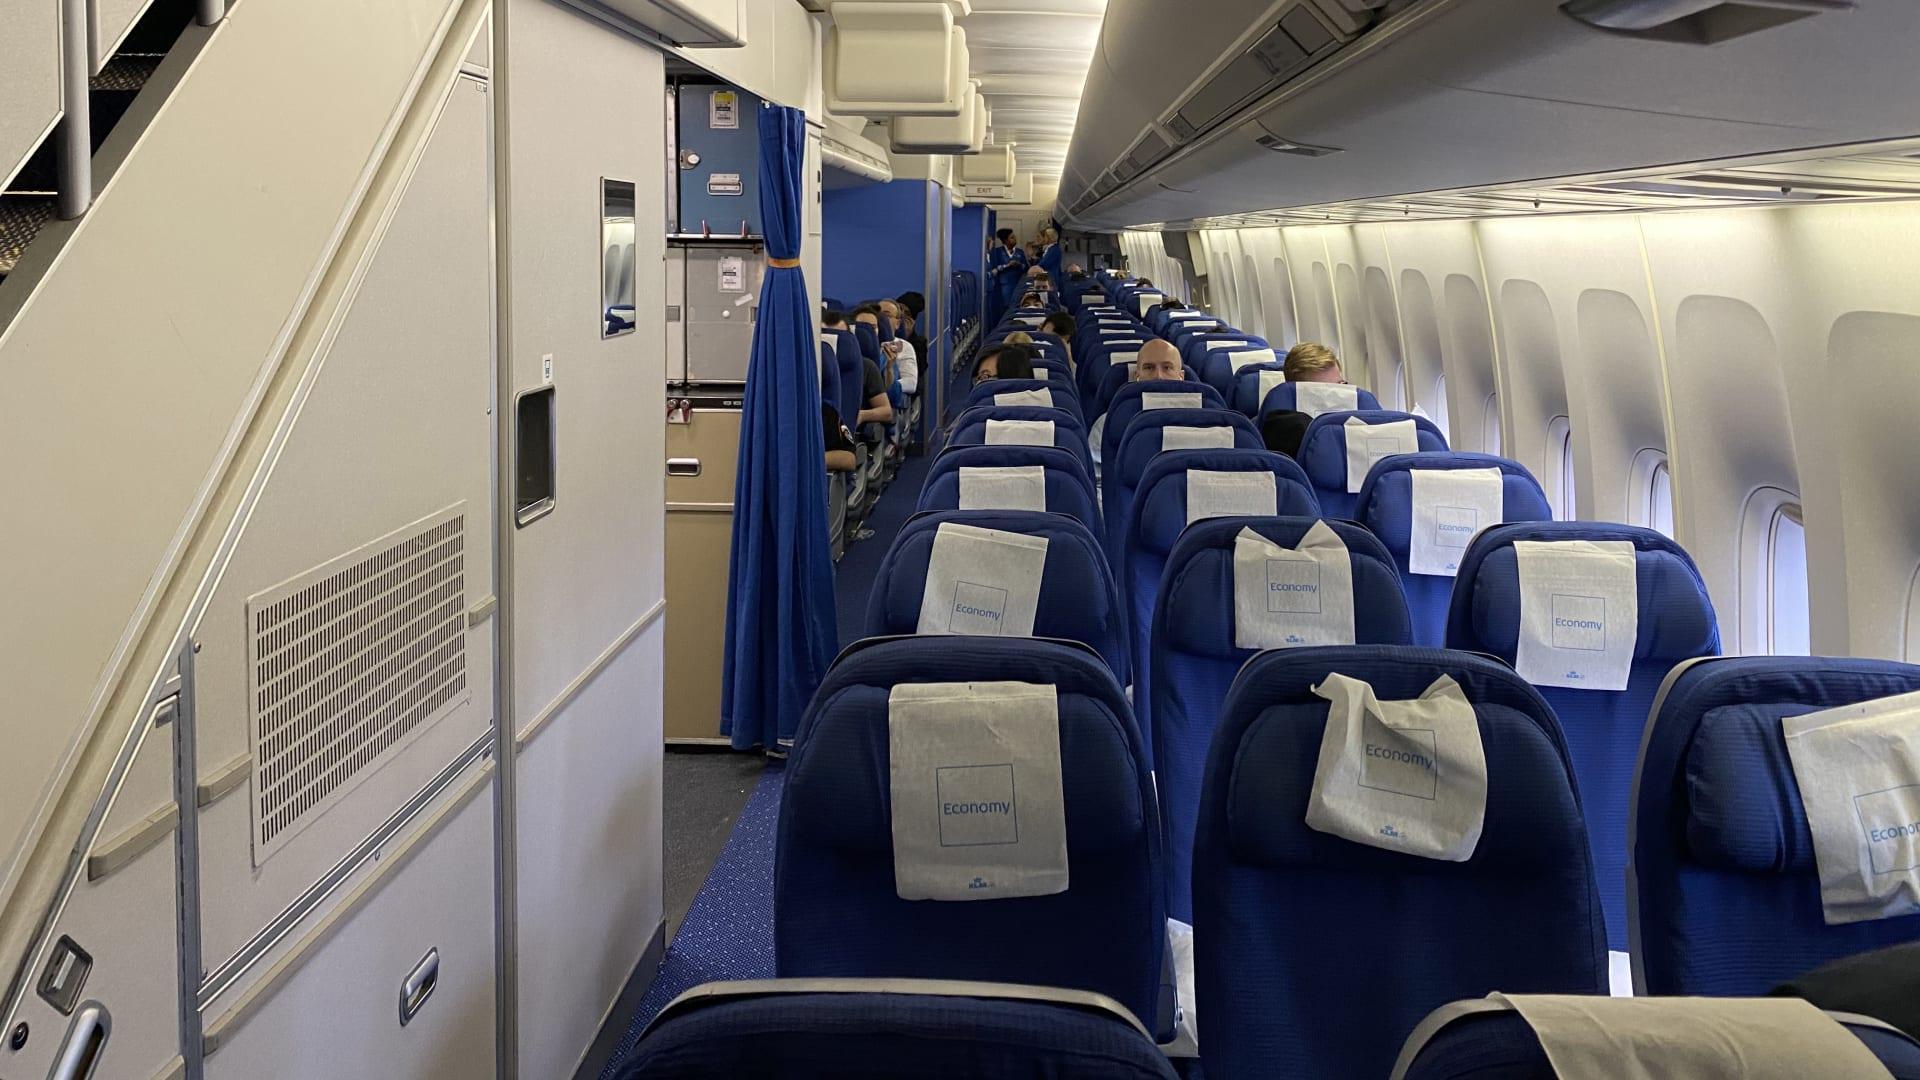 تجربة طيران استثنائية سببها فيروس كورونا